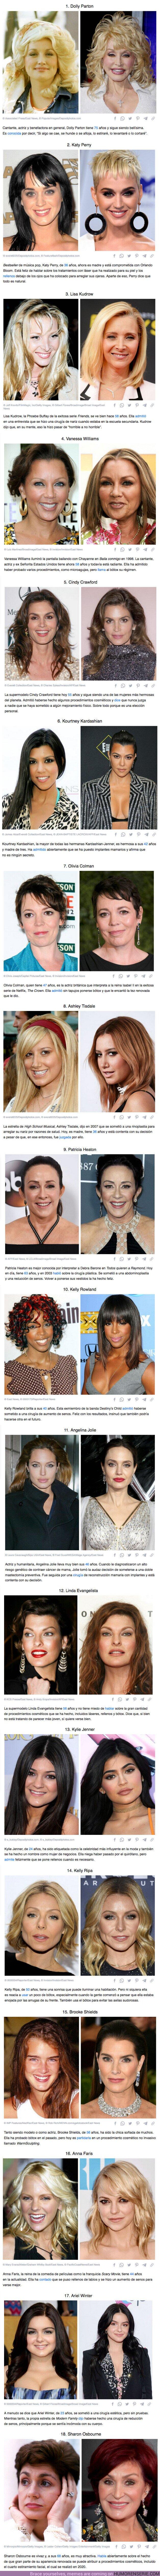 80250 - GALERÍA: 18 Famosas que confesaron orgullosamente que se hicieron una cirugía estética